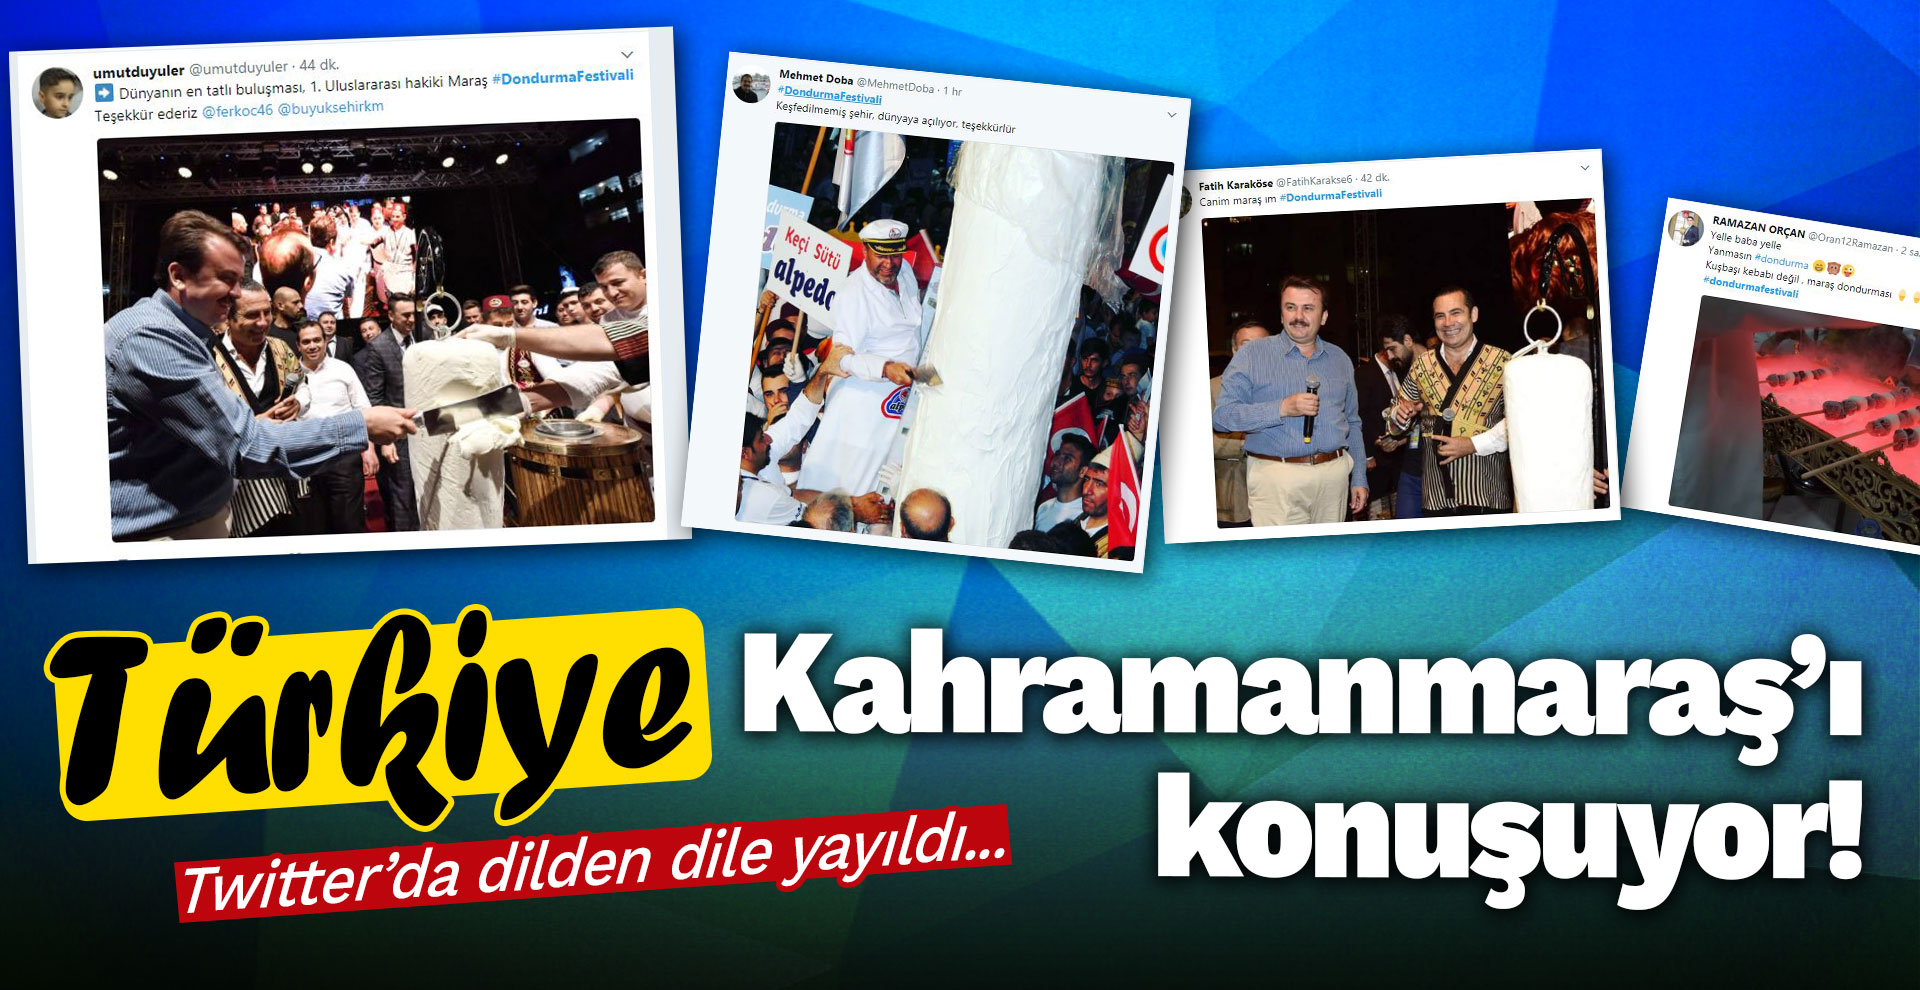 Türkiye Kahramanmaraş'ı konuşuyor!